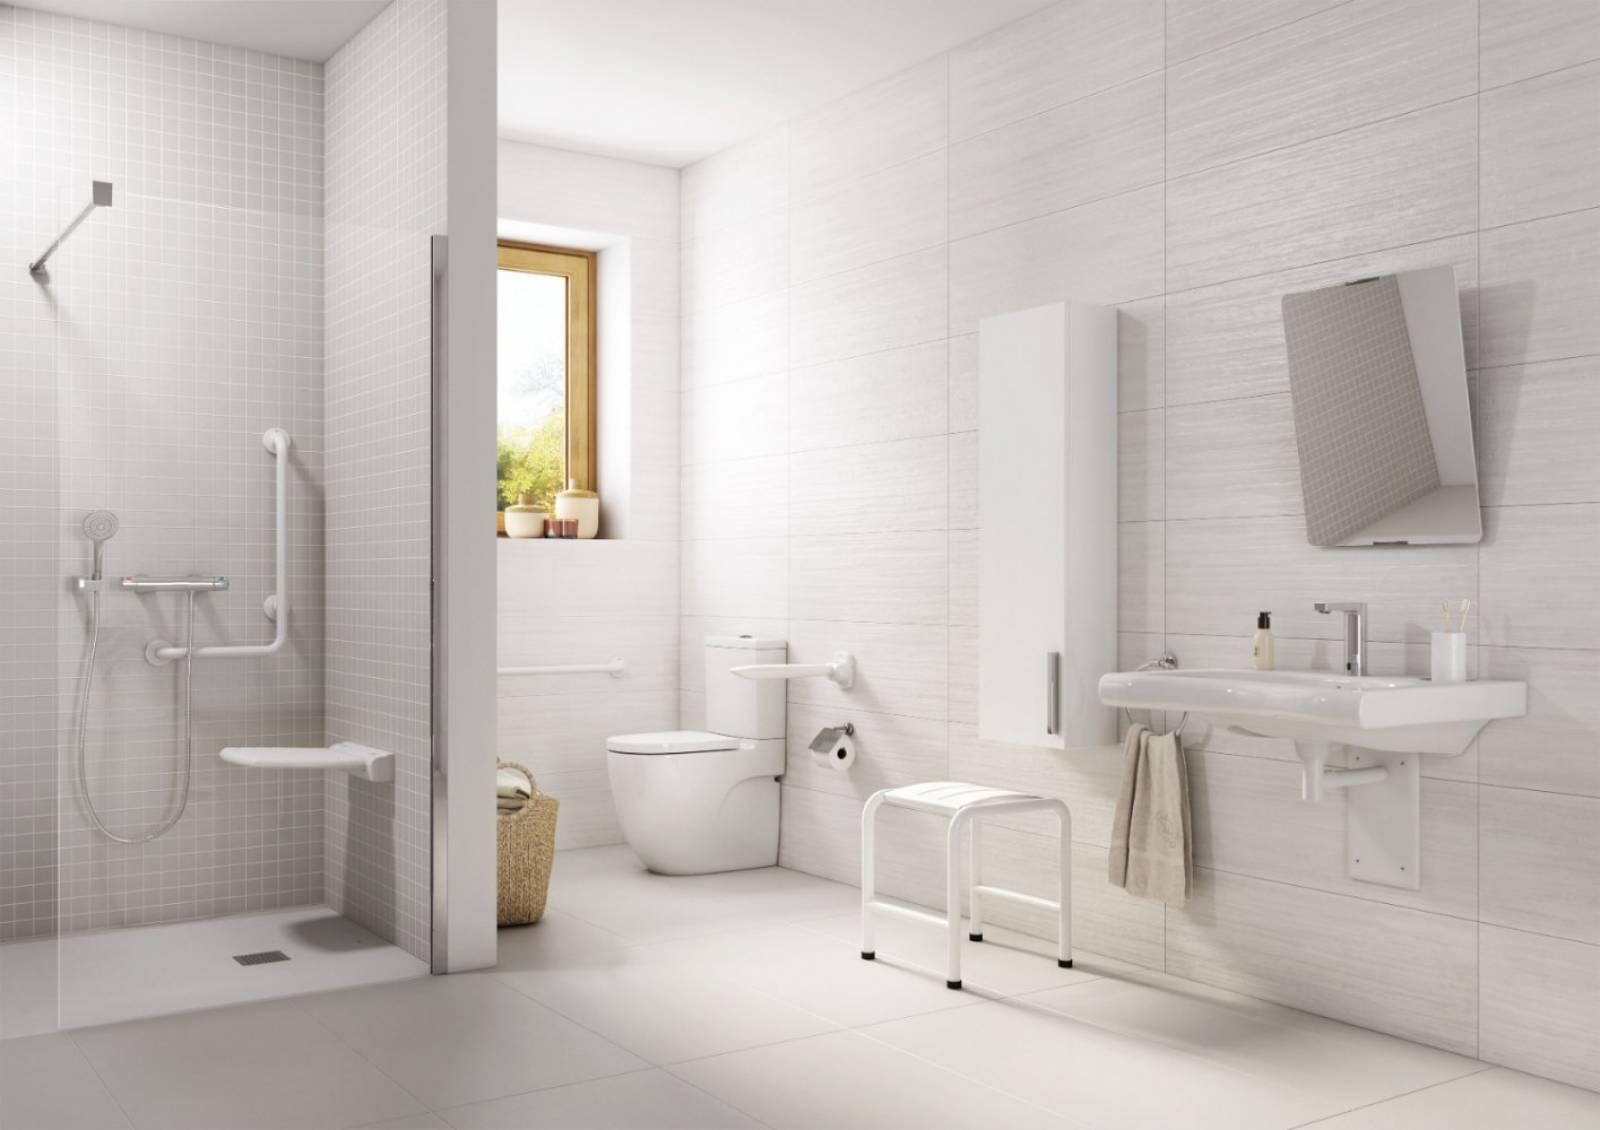 Meubles Salle De Bain Personnes Handicapées salle de bain sécurisée et accessible, tarare et alentours